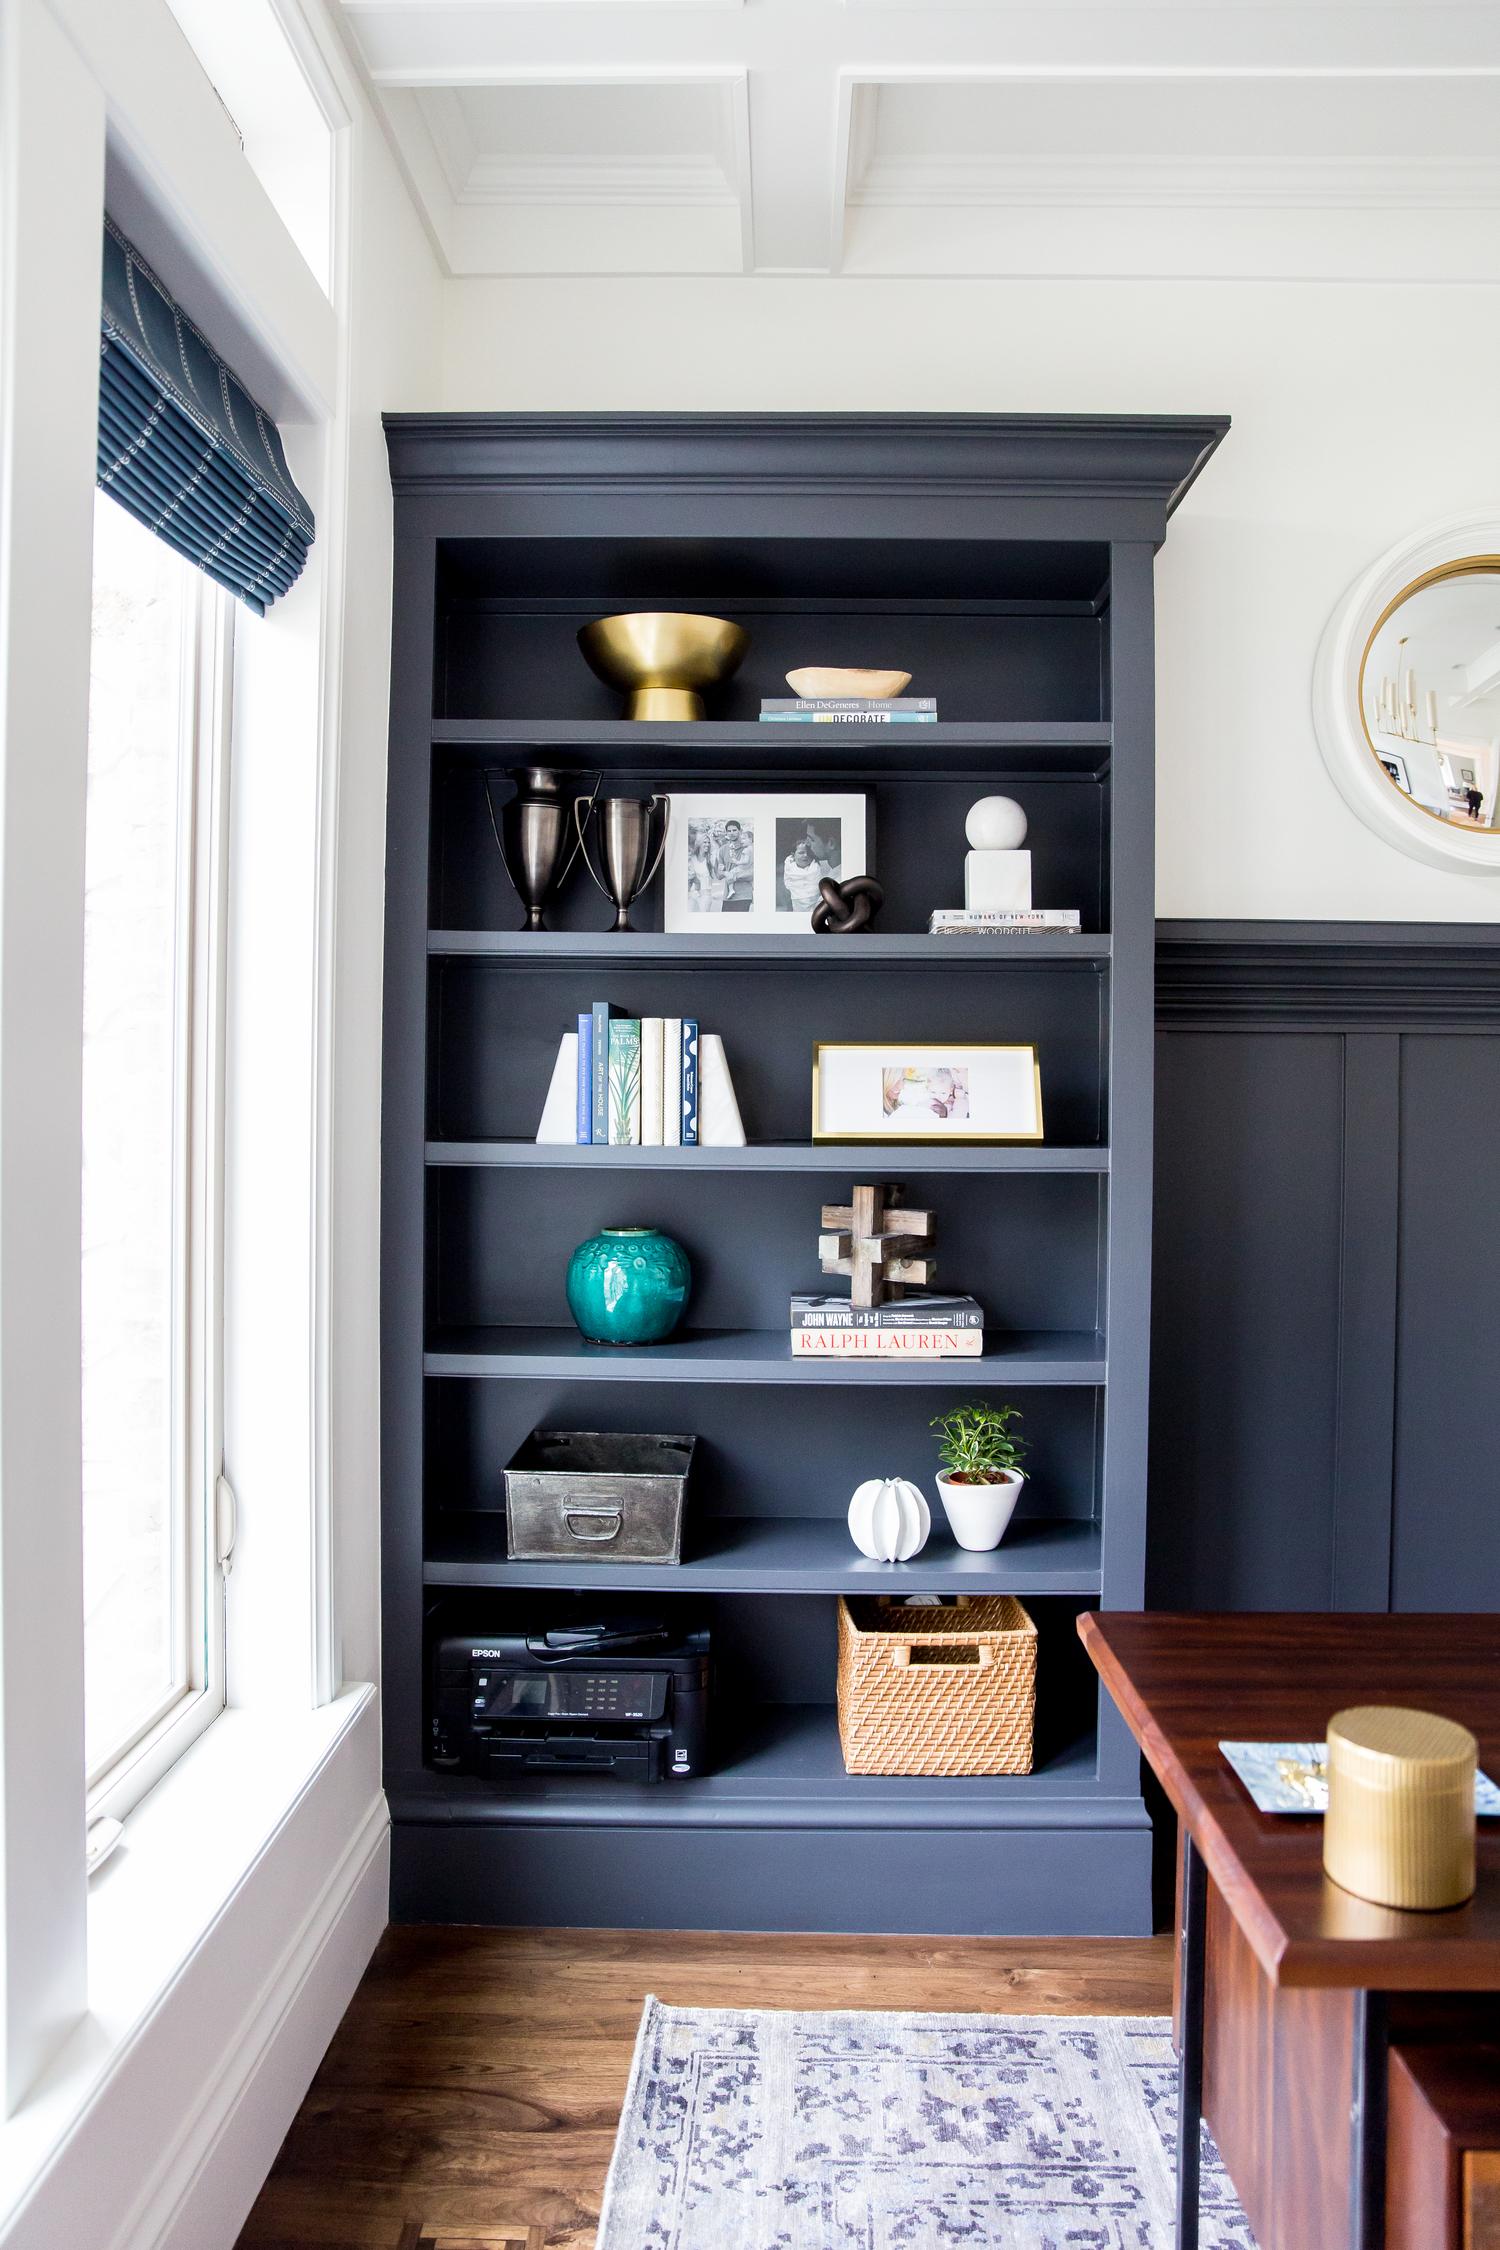 Decorative details atop built in shelves